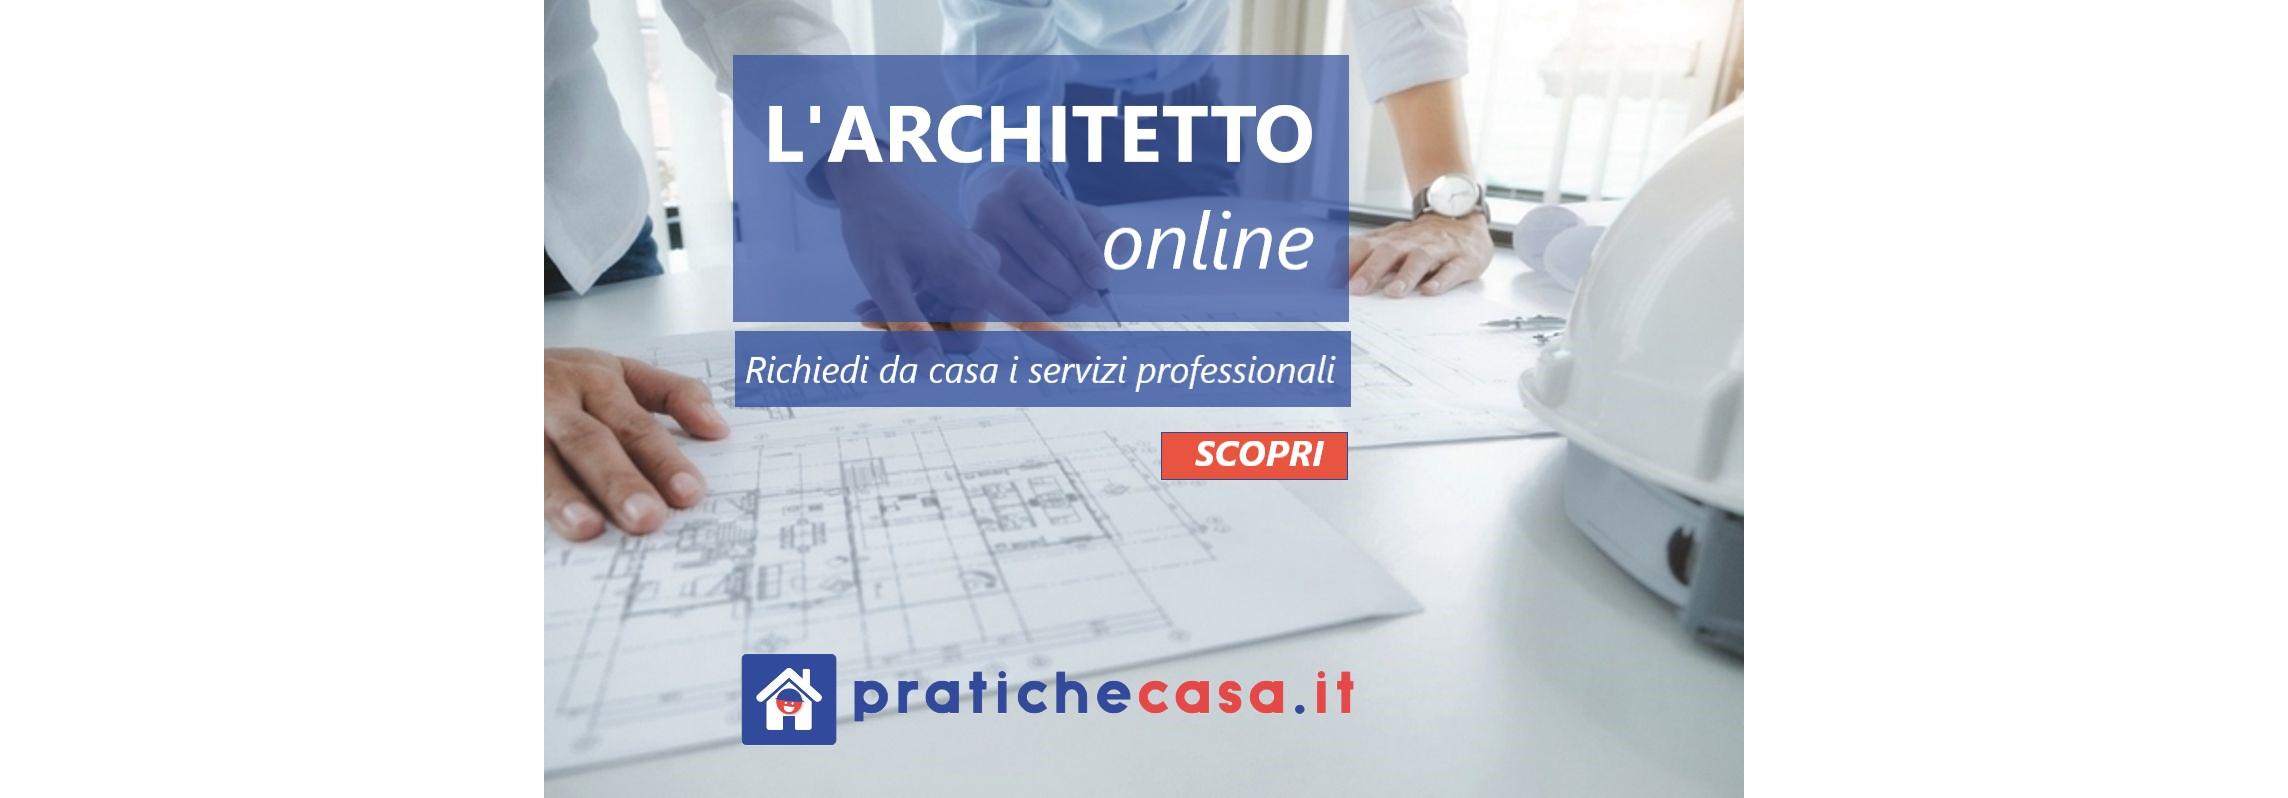 permesso-di-costruire-pdc-architetto-online-pratiche-casa-pratichecasa